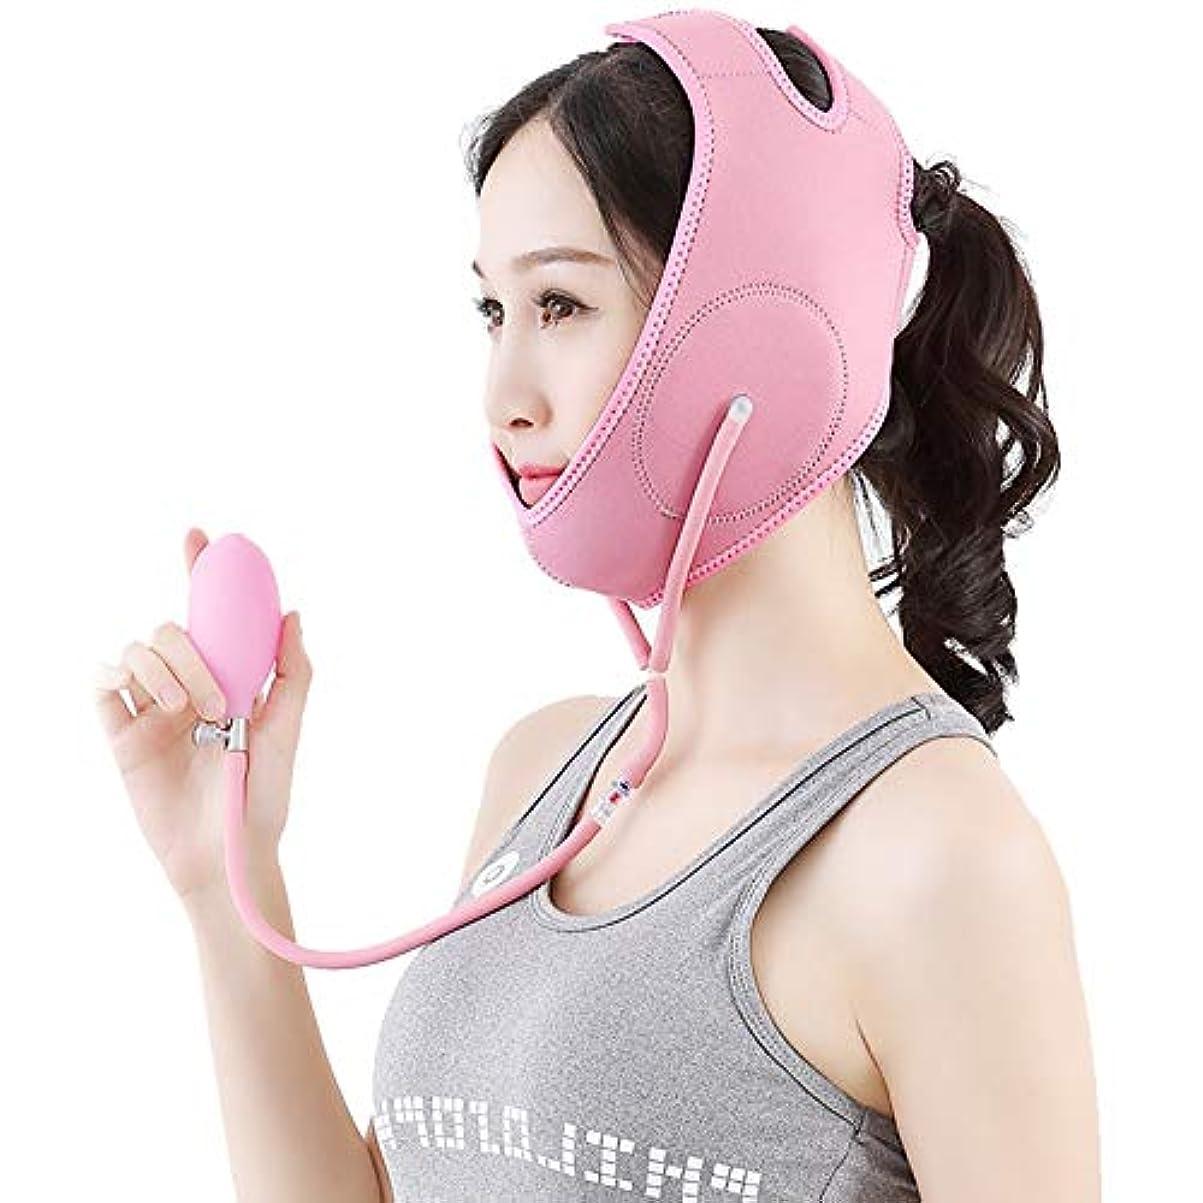 震え予測目に見えるJia Jia- フェイシャルリフティング痩身ベルトダブルエアバッグ圧力調整フェイス包帯マスク整形マスクが顔を引き締める 顔面包帯 (色 : ピンク, サイズ さいず : M)